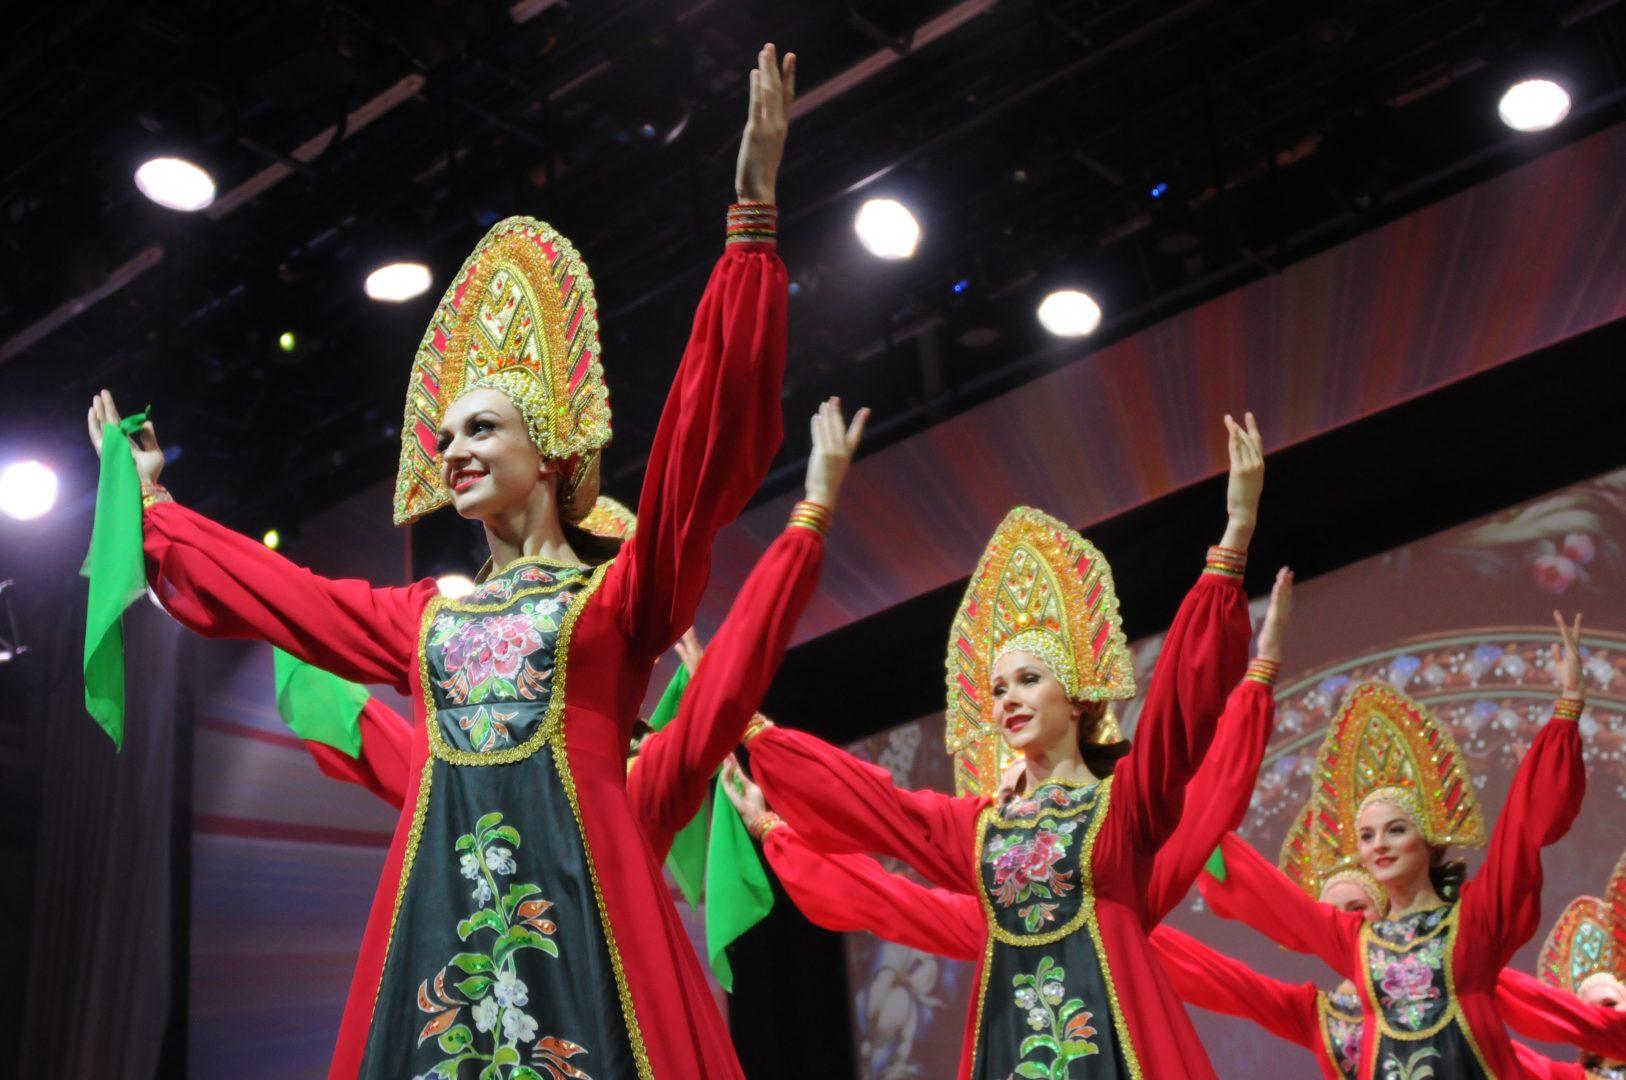 Творческий онлайн-фестиваль прошел в Первомайском. Фото: Светлана Колоскова, «Вечерняя Москва»